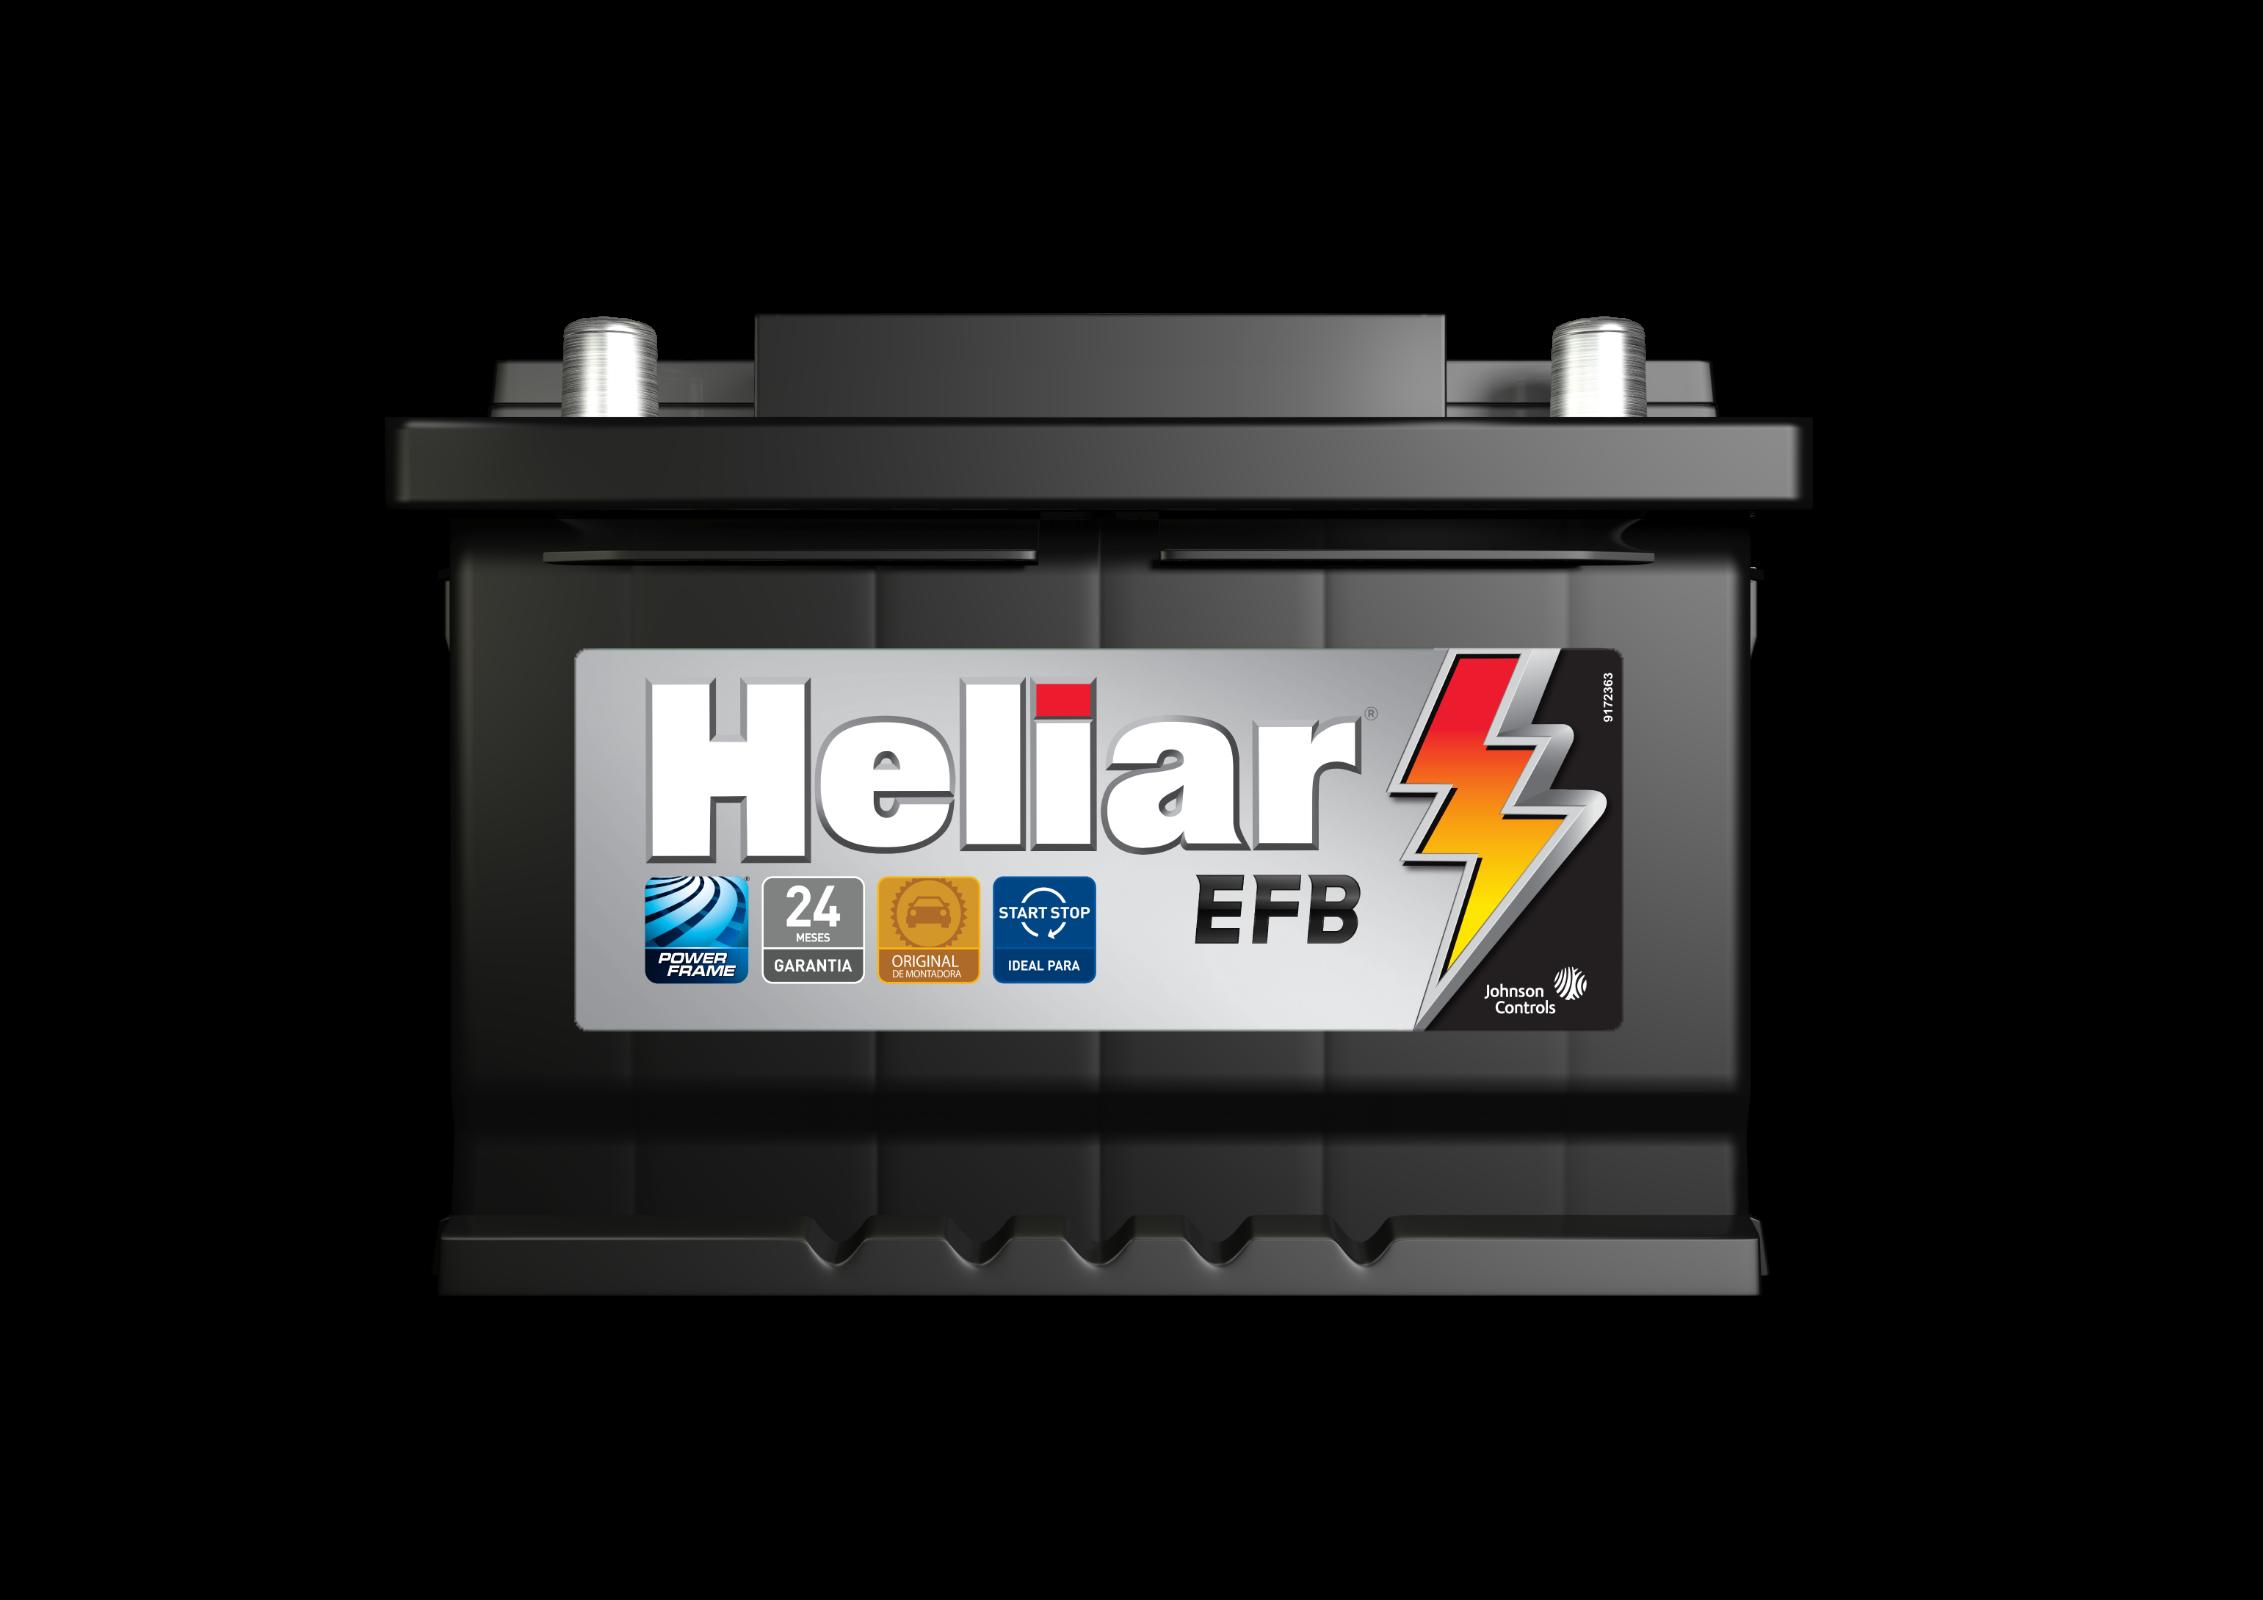 Carros com sistema Start/Stop demandam mais energia das baterias, por isso novos modelos foram criados. Conheça a diferença entre as baterias AGM e EFB.